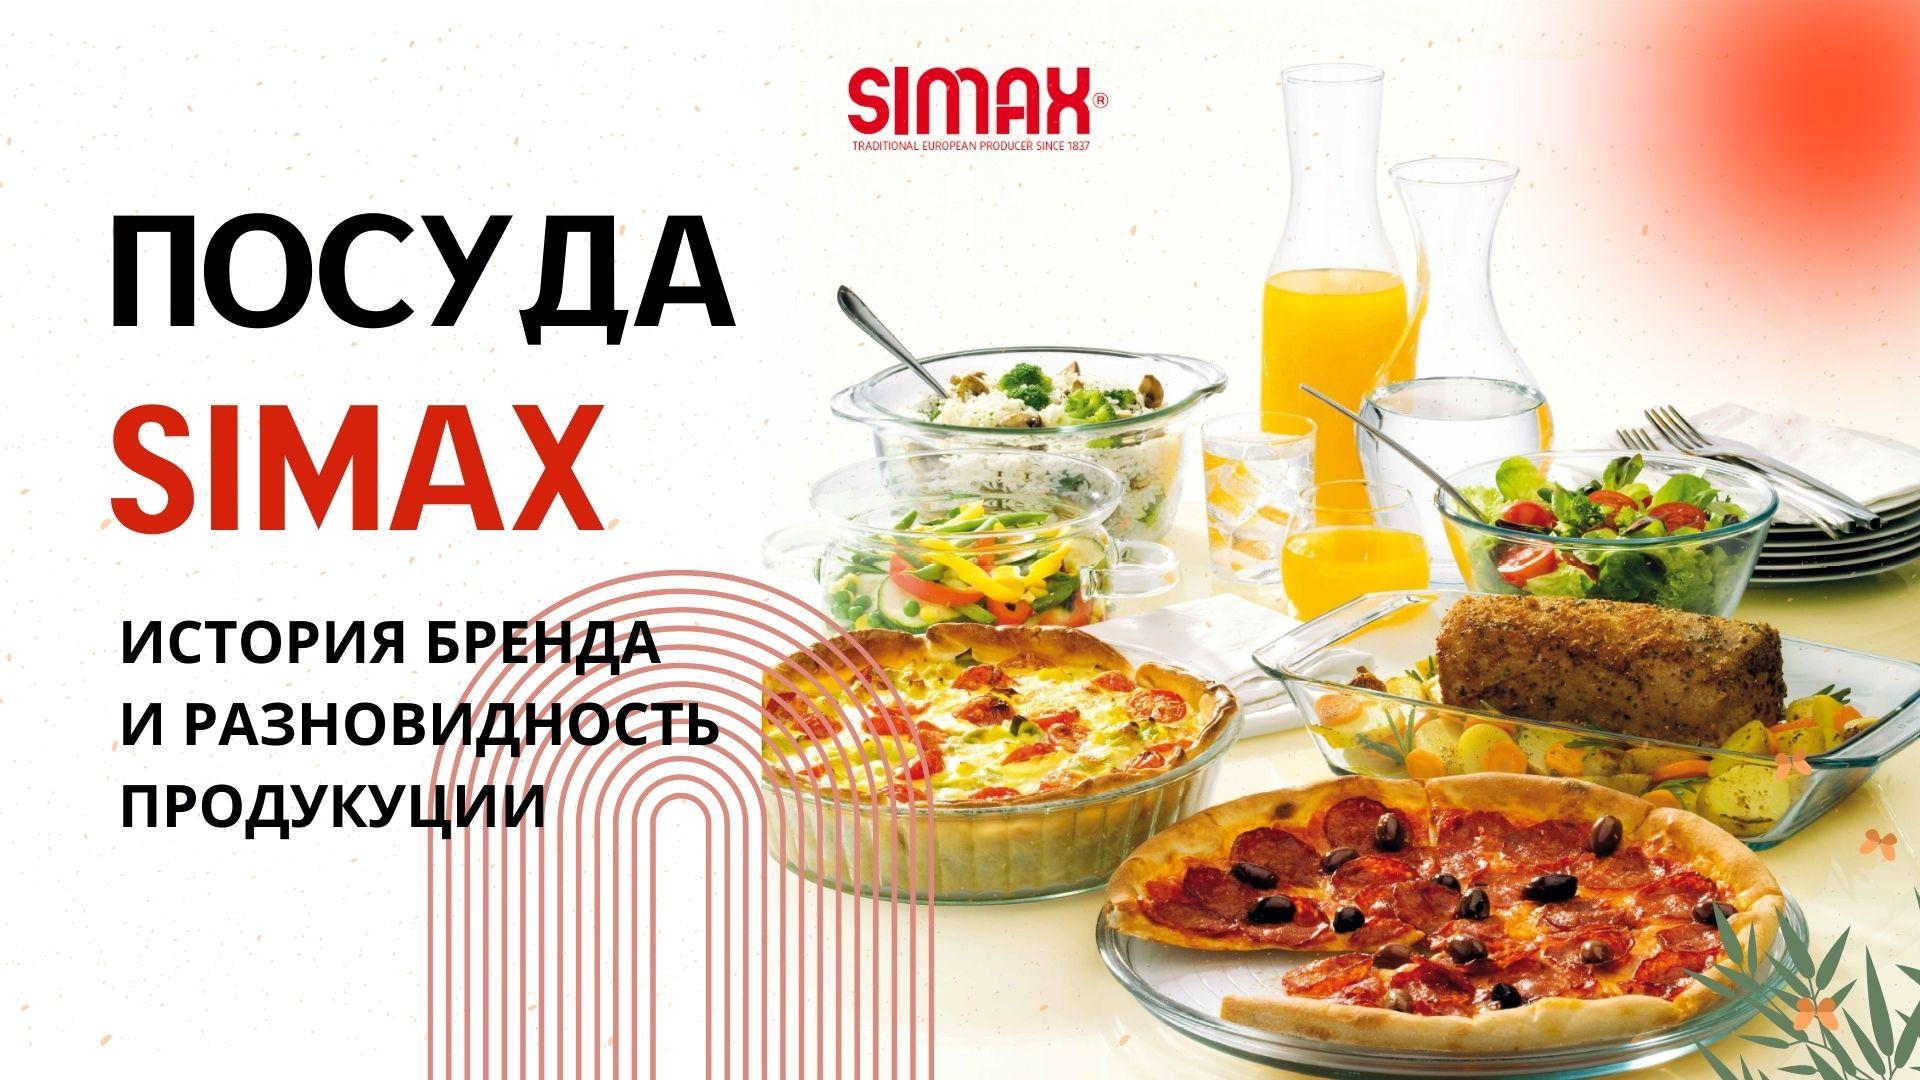 Посуда Simax: история бренда и разновидность посуды